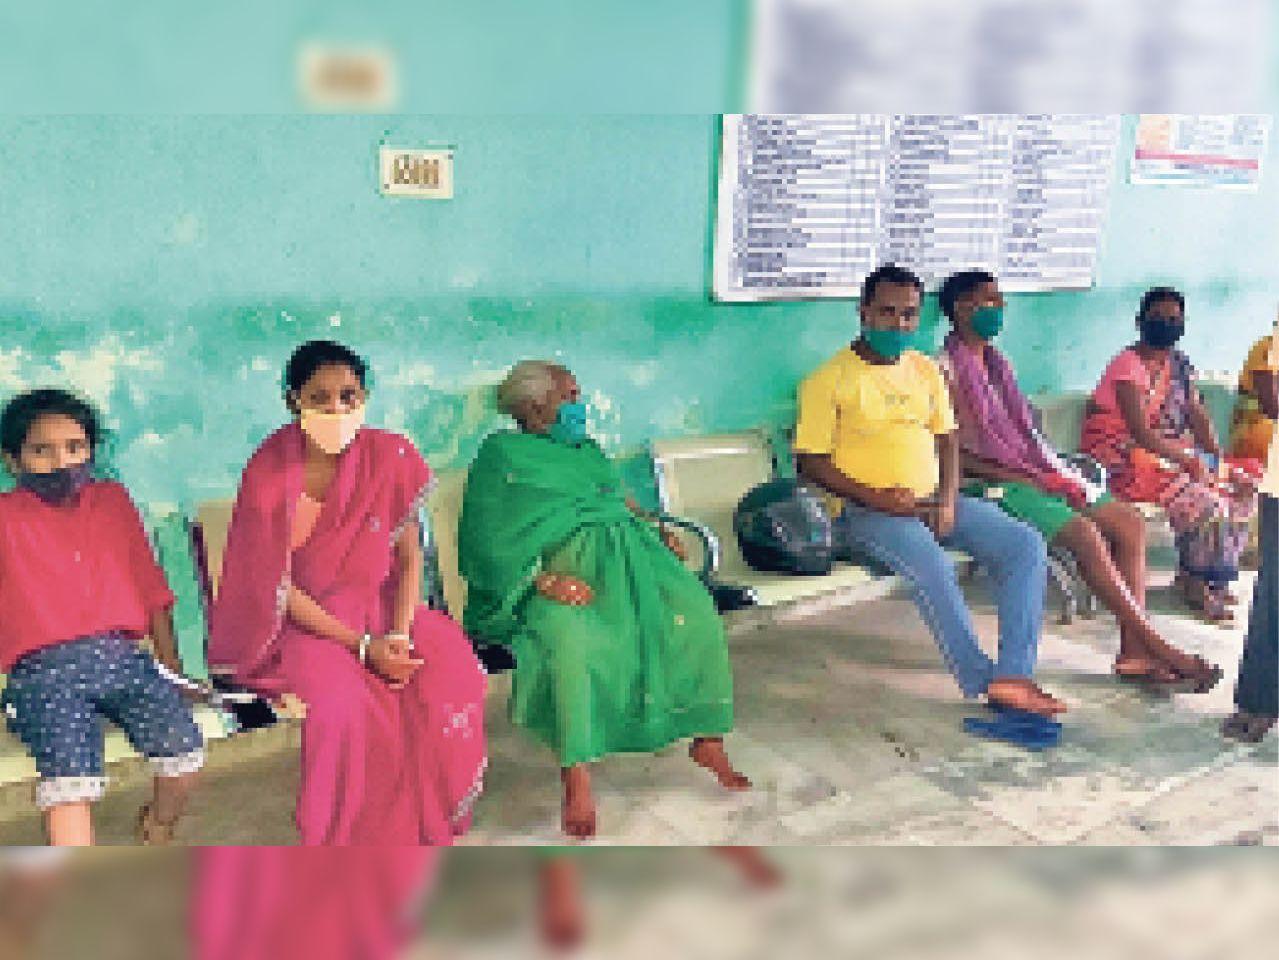 सदर अस्पताल के ओपीडी वार्ड में हड़ताल के दौरान चिकित्सक का इंतजार करते मरीज। - Dainik Bhaskar